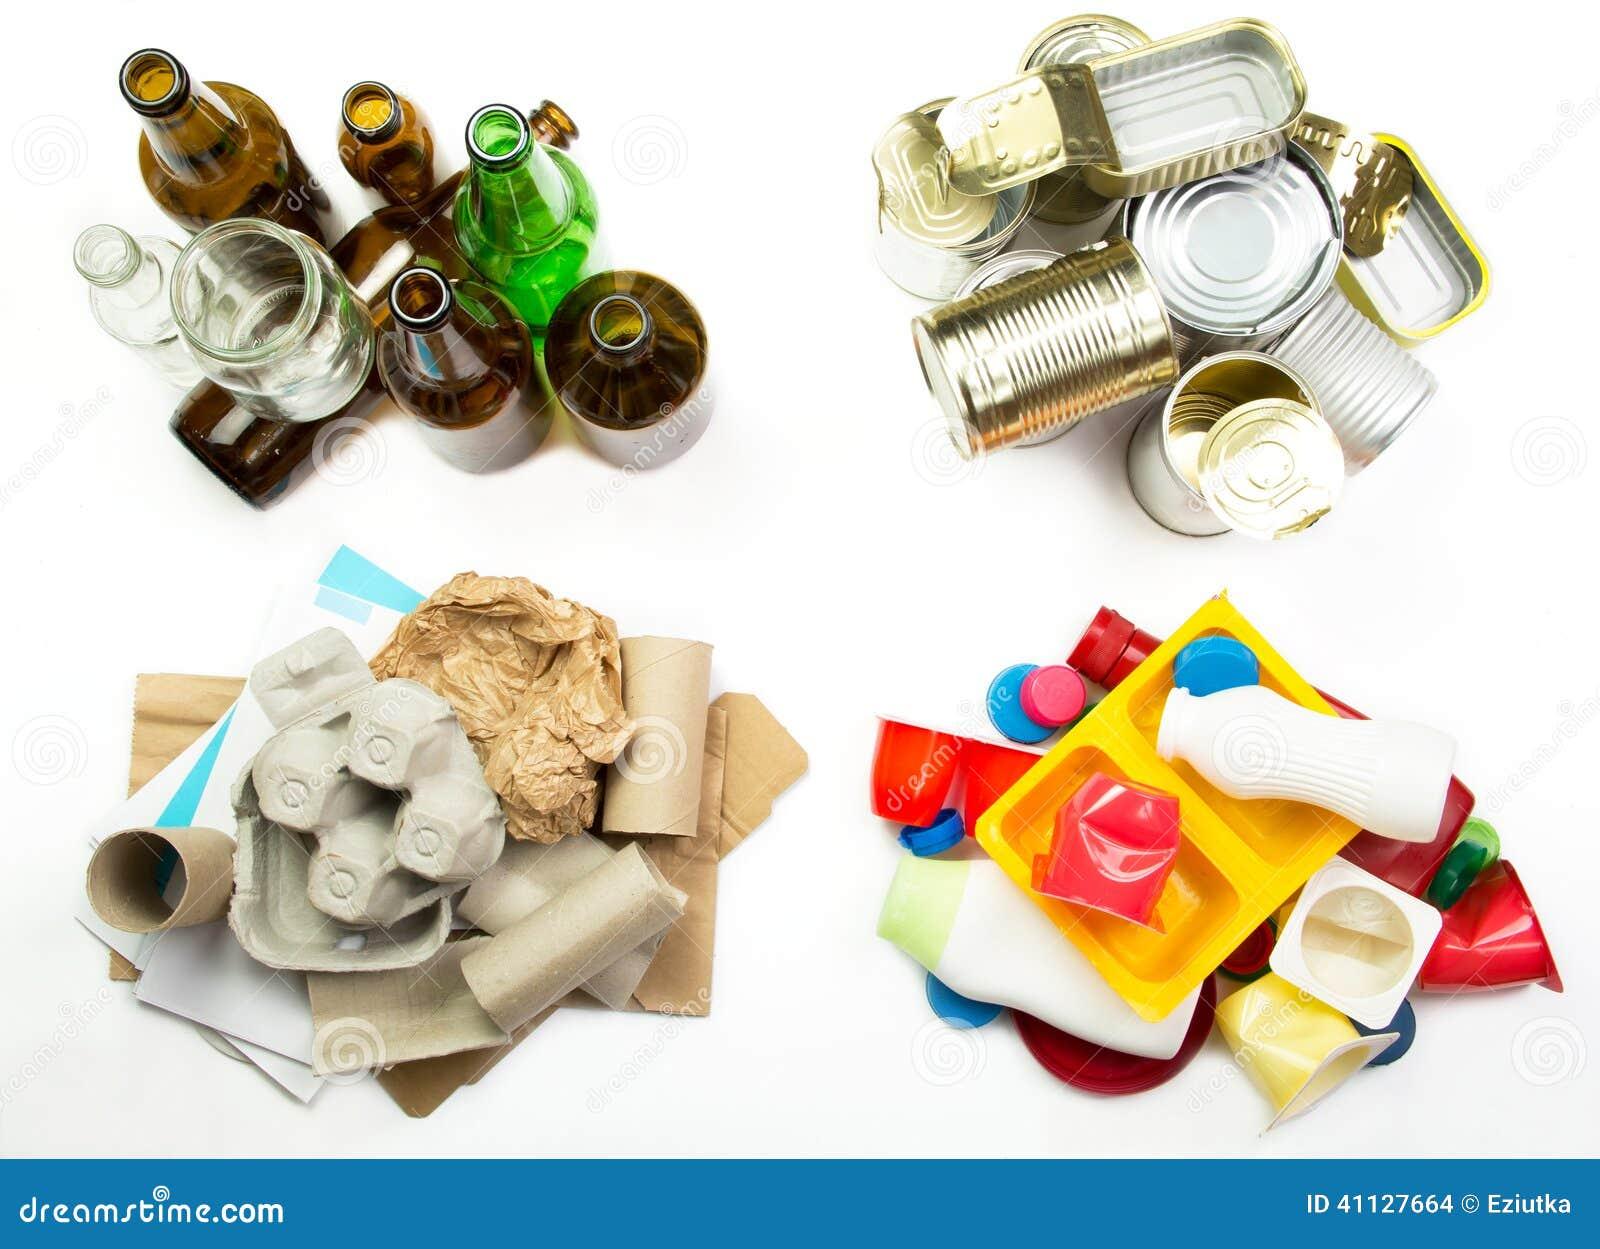 Fotos de basura inorganica 84